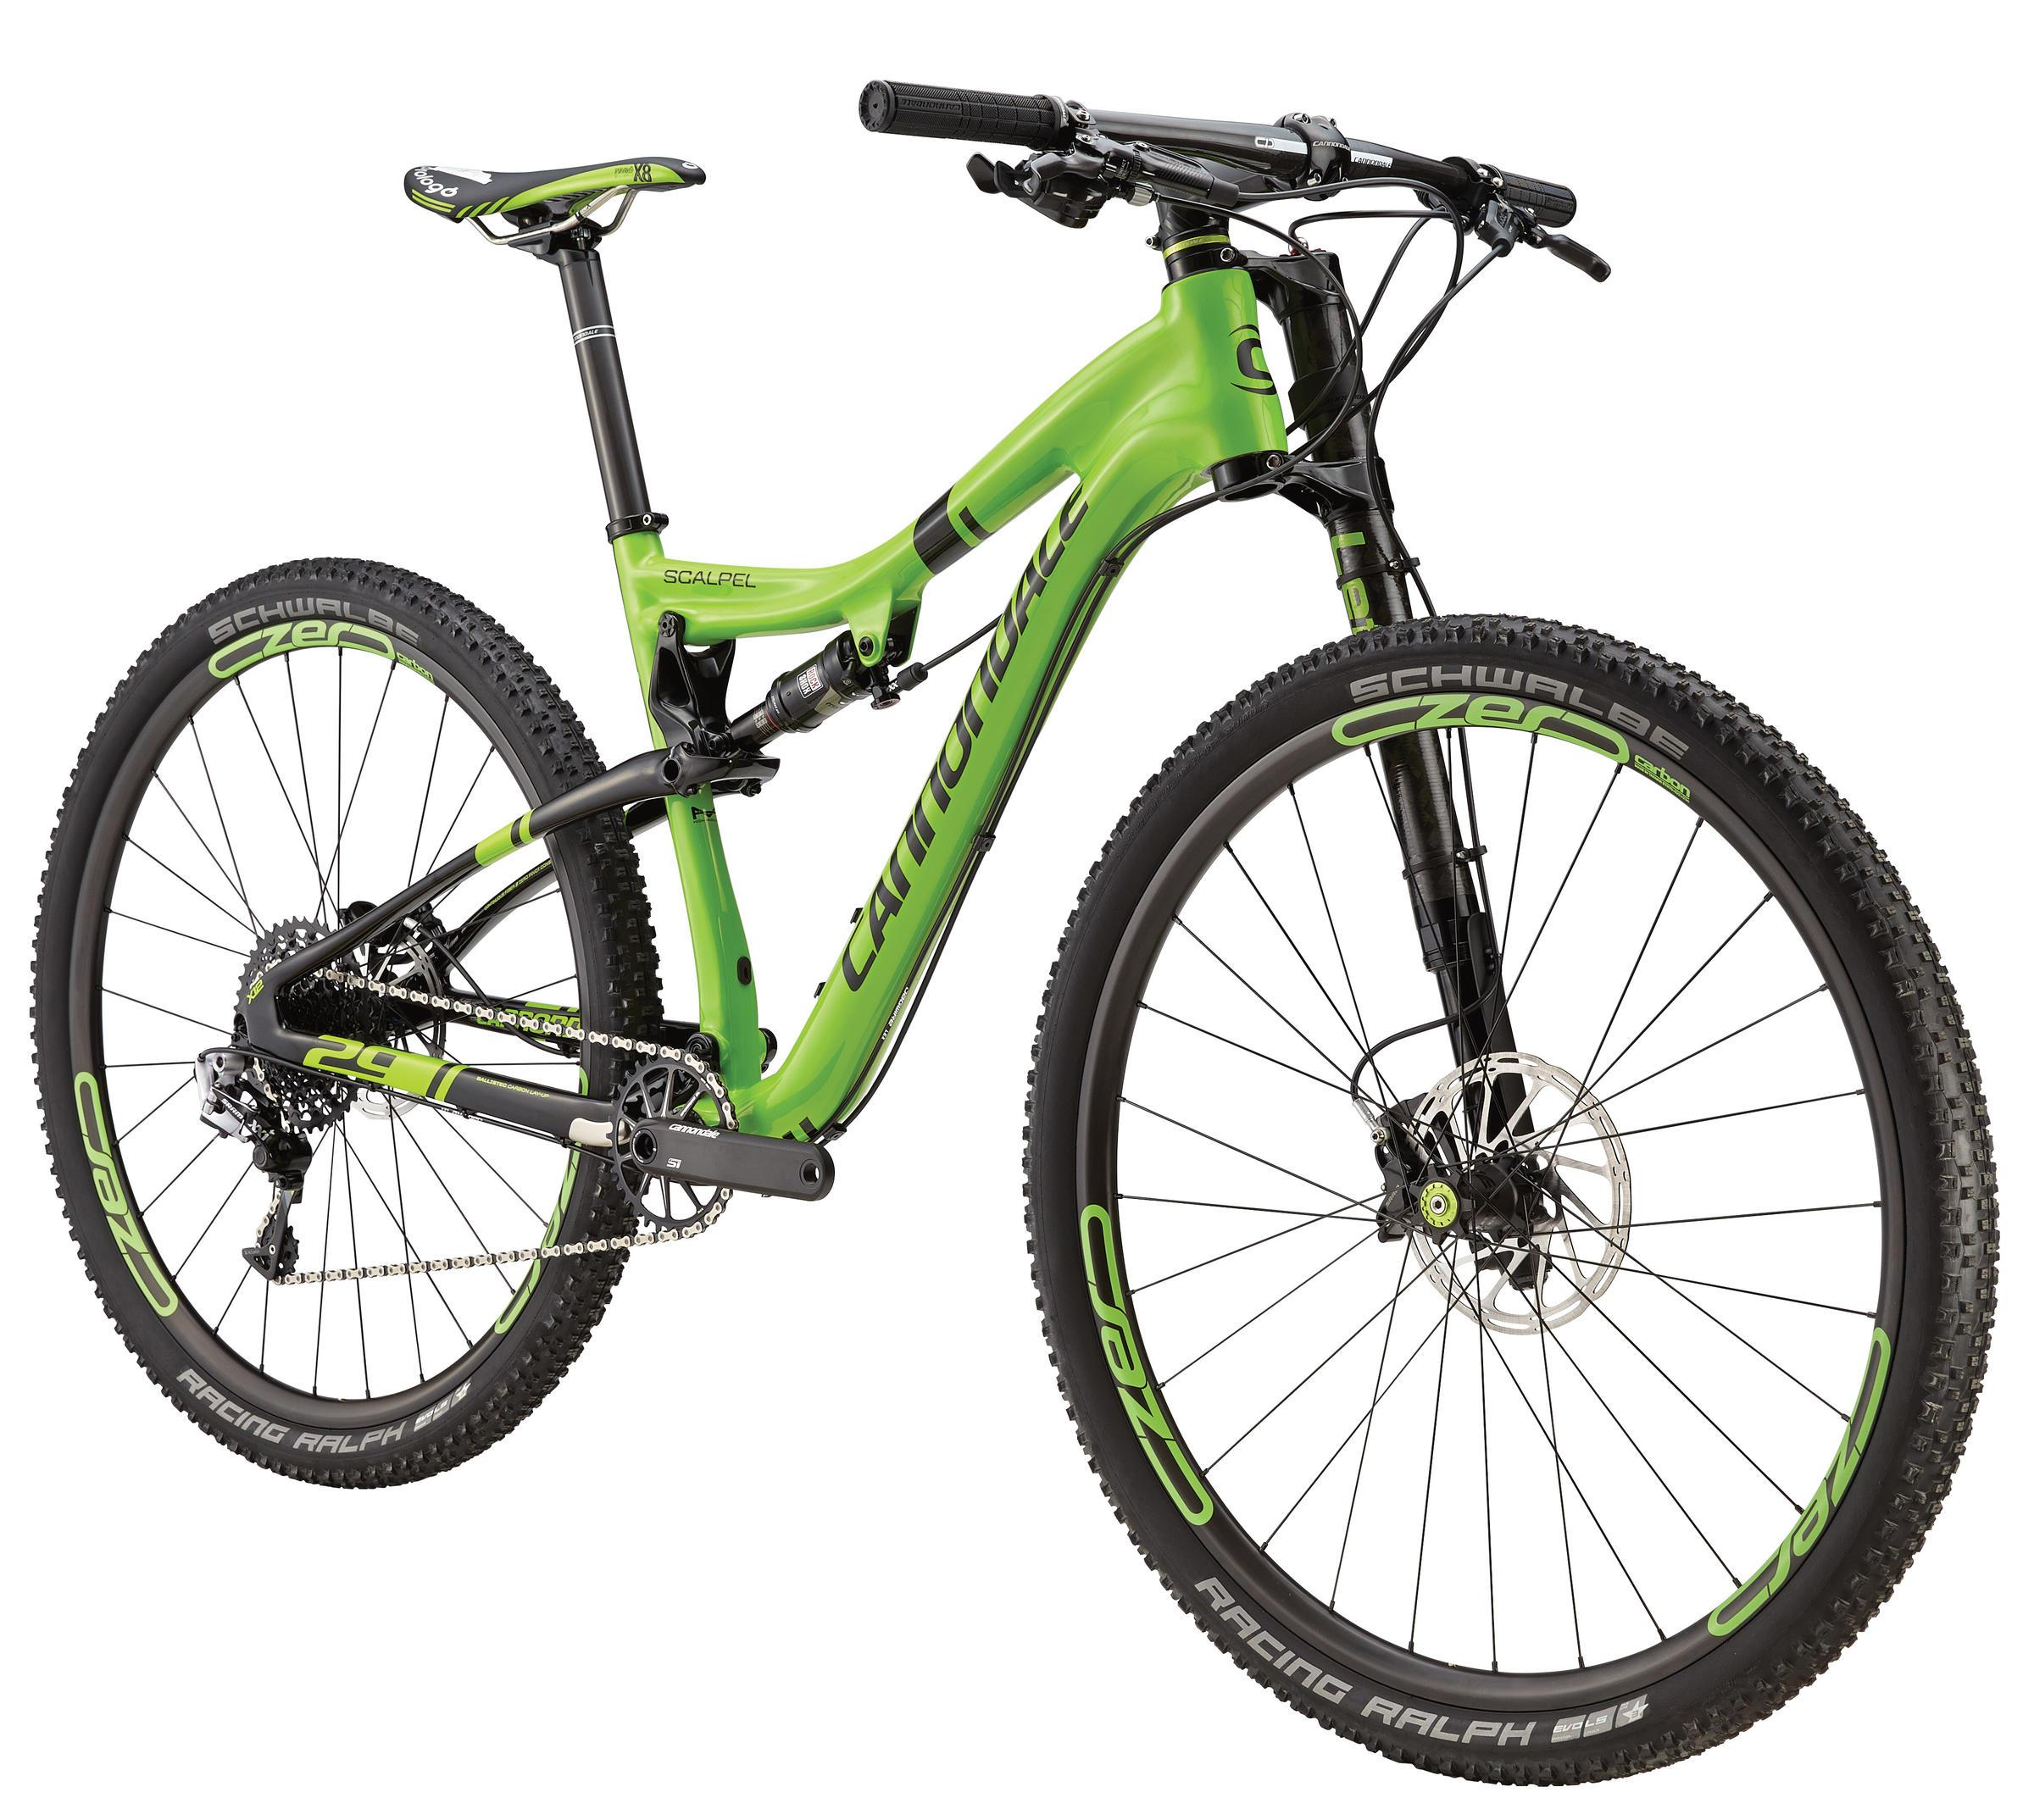 a12e2298649 Cannondale Scalpel 29 Carbon Race - City Bikes